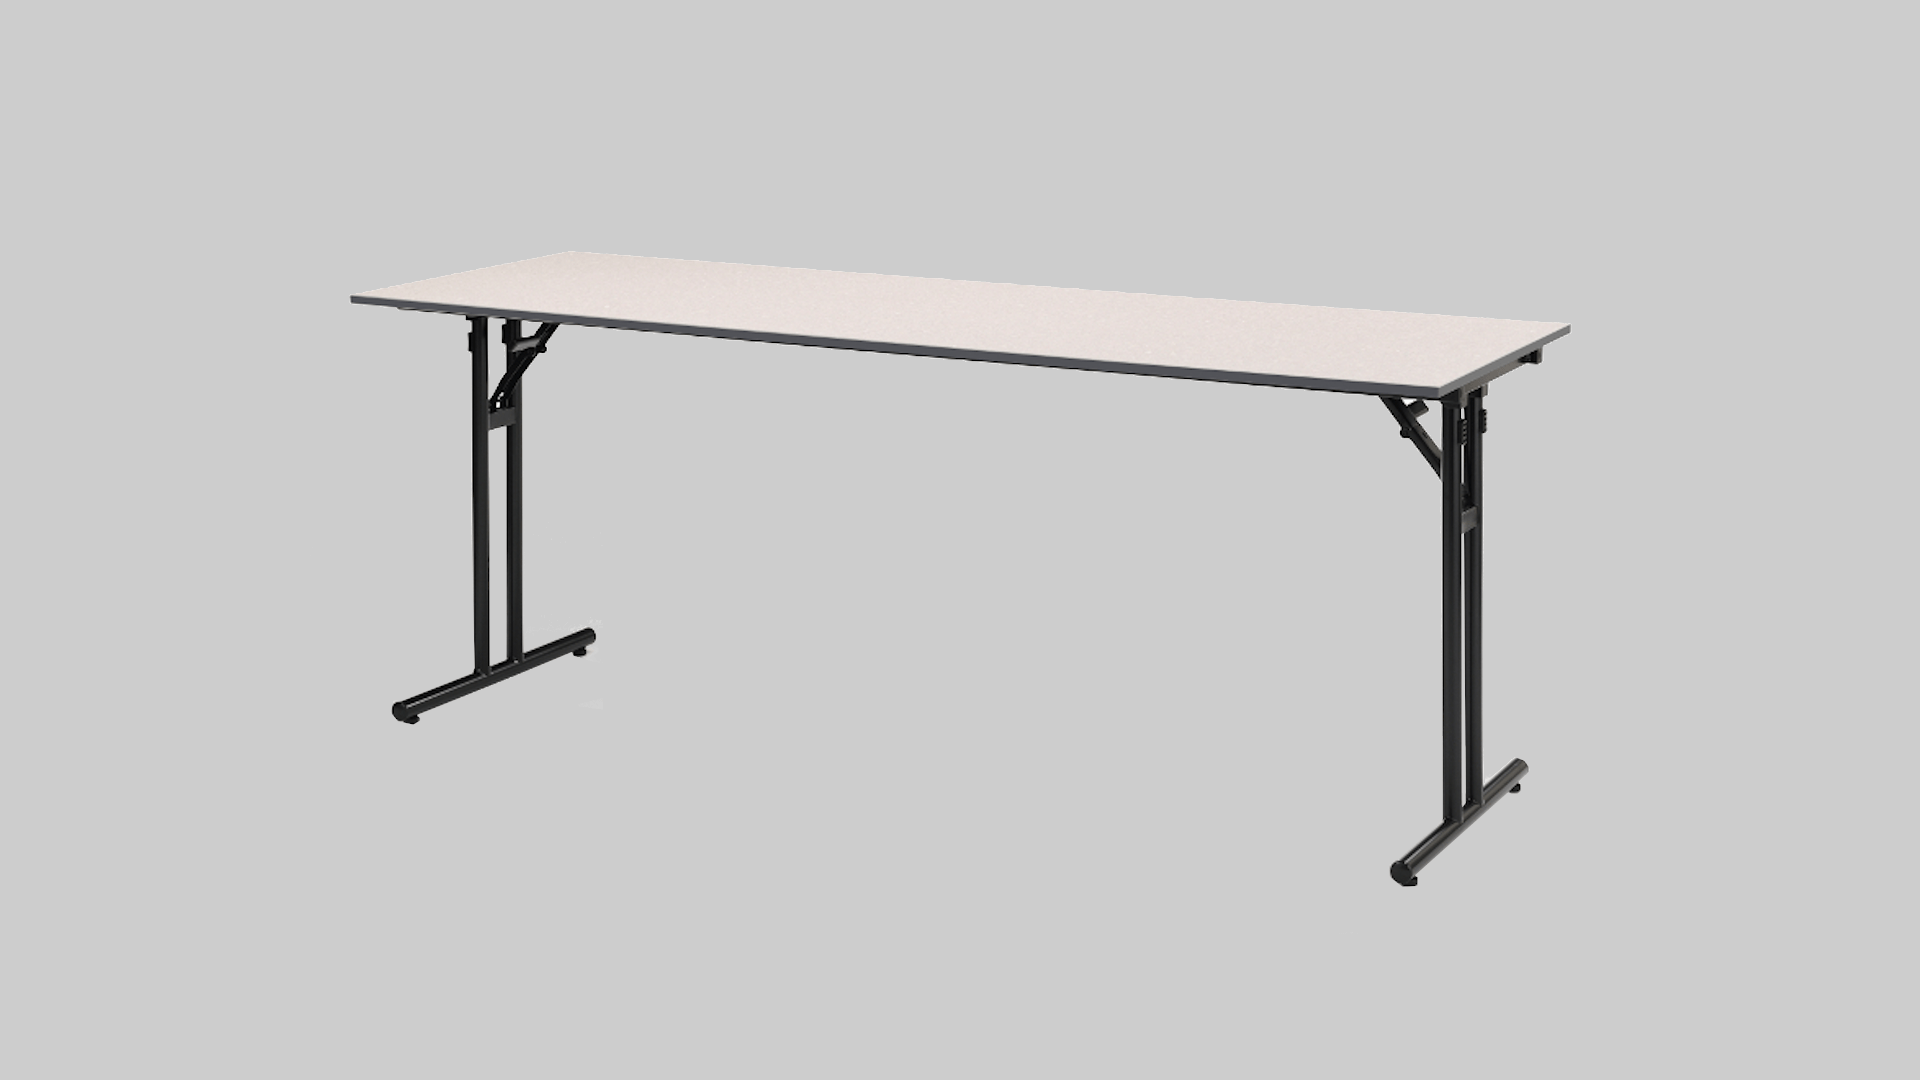 カンファレンステーブル BT-S イメージ